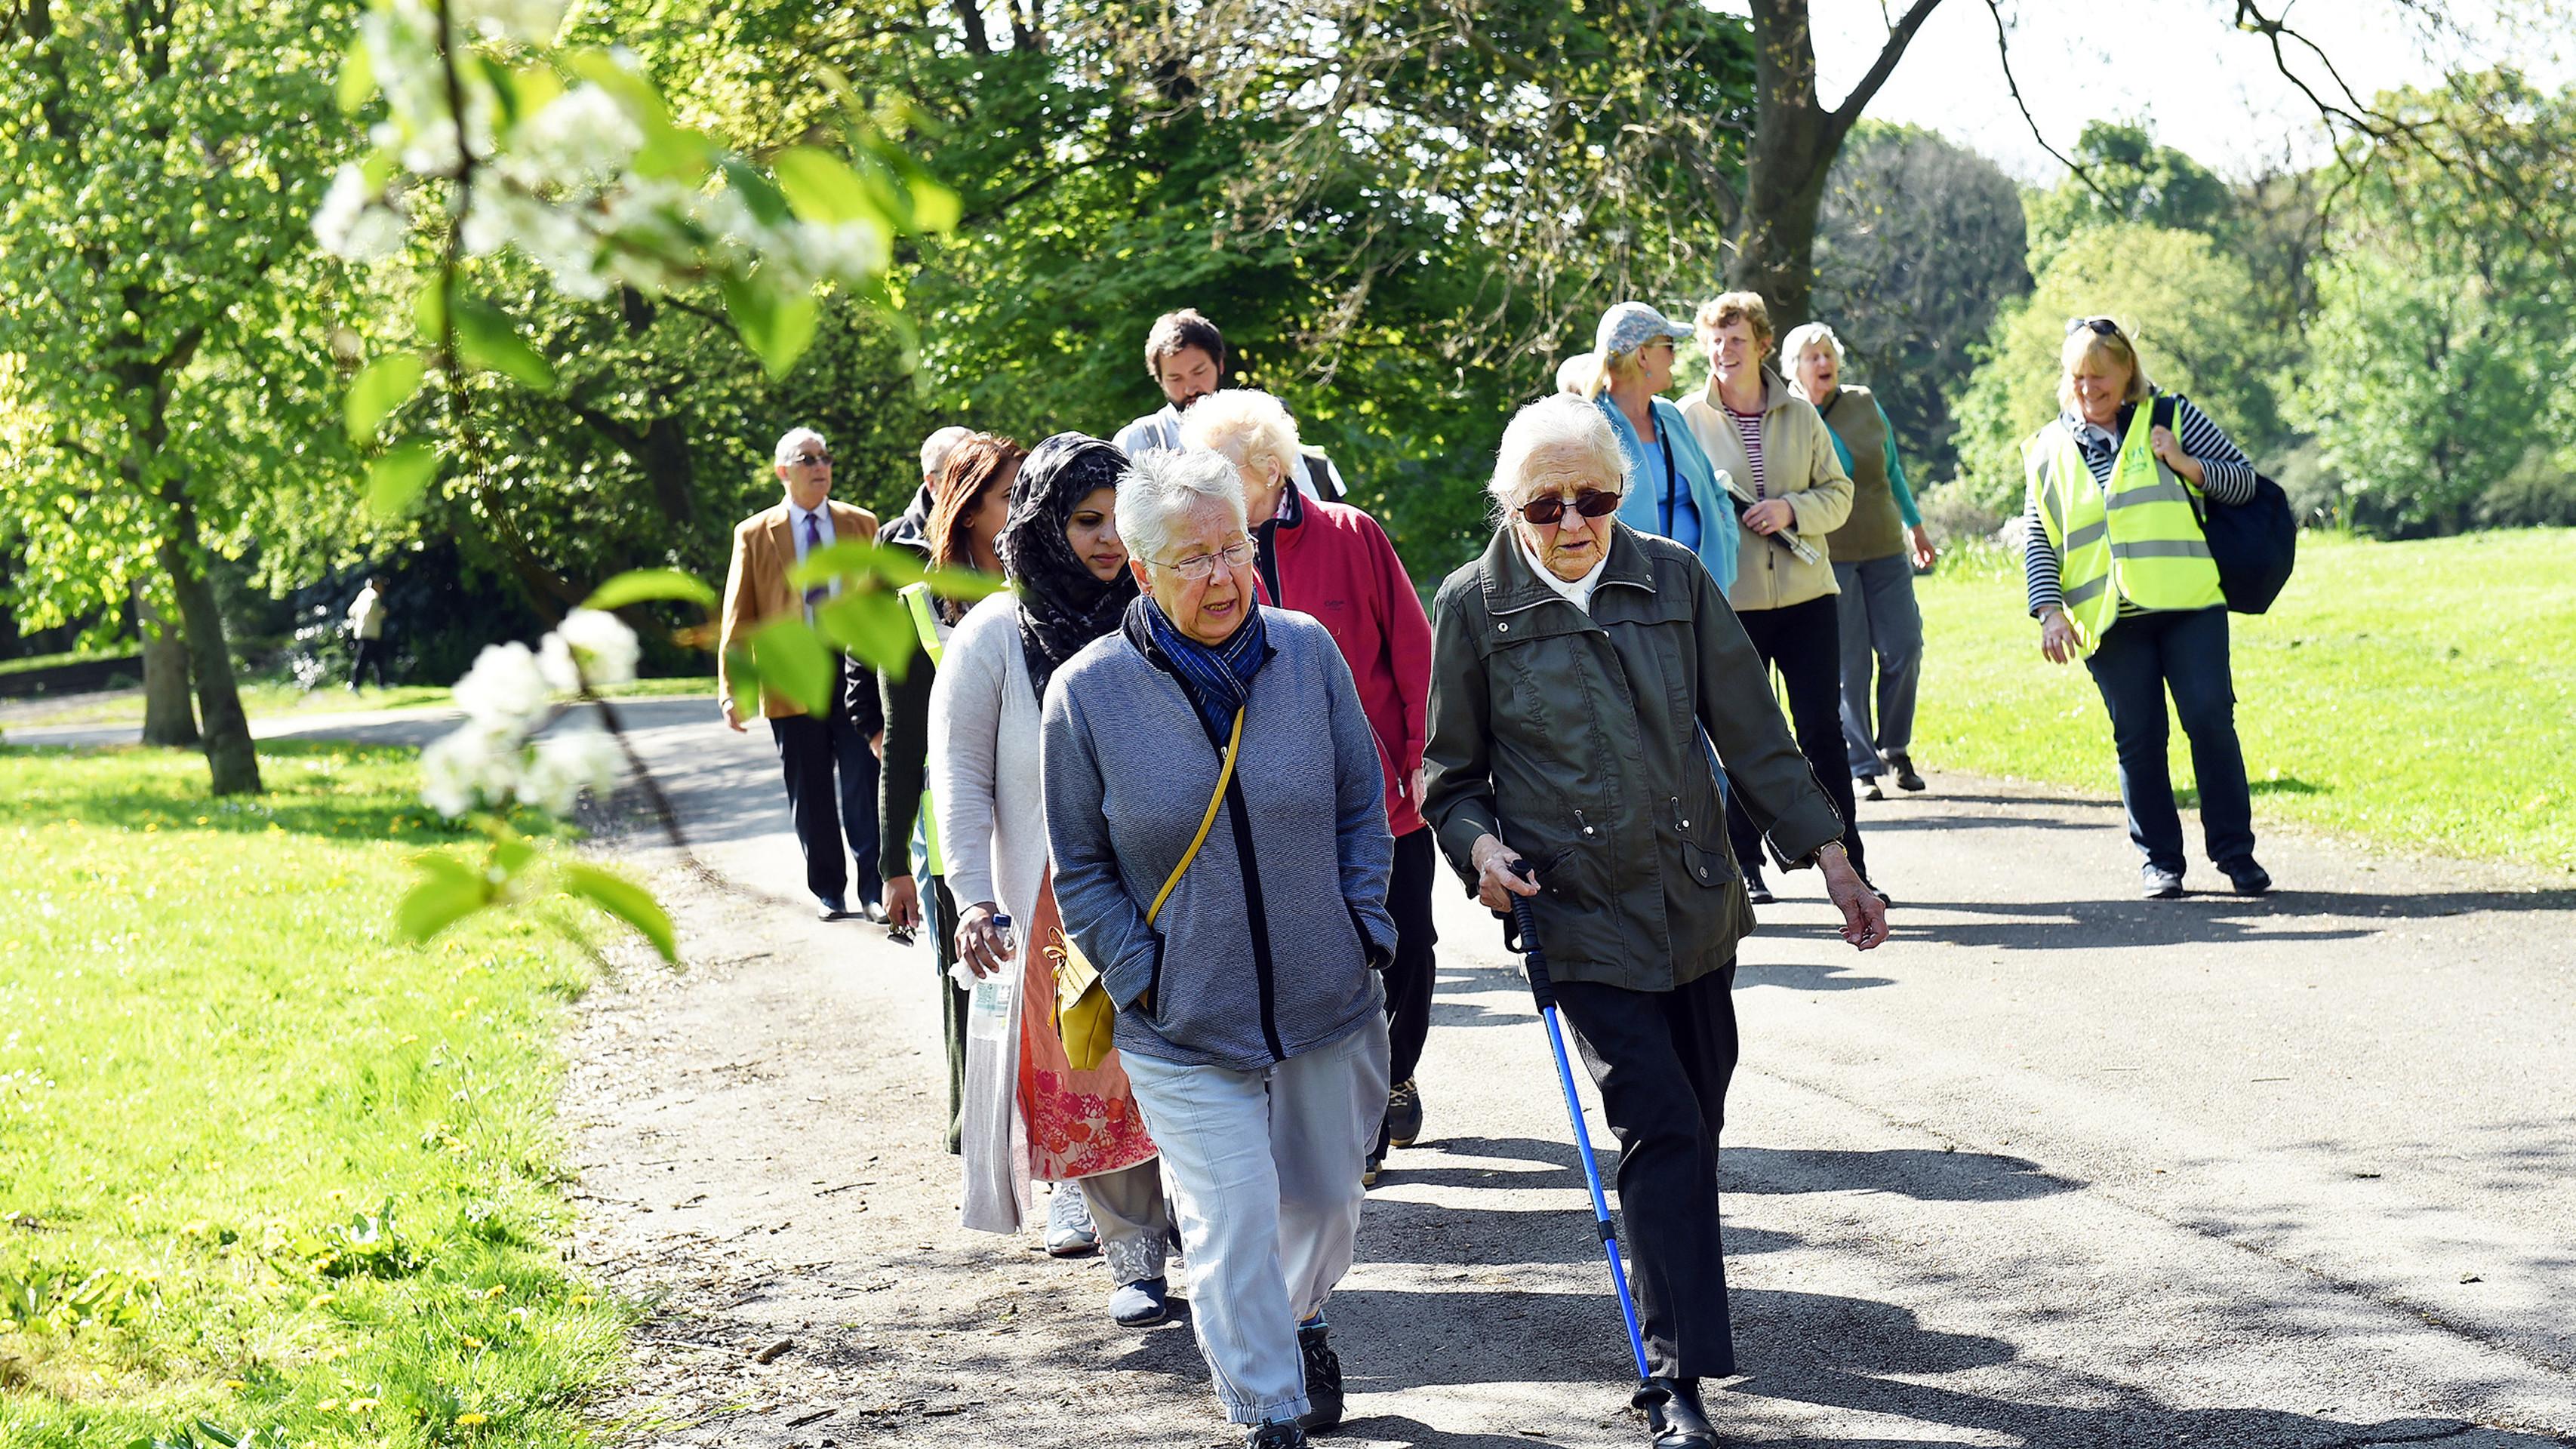 20 فایده پیاده روی برای سلامتی + بهترین زمان پیاده روی